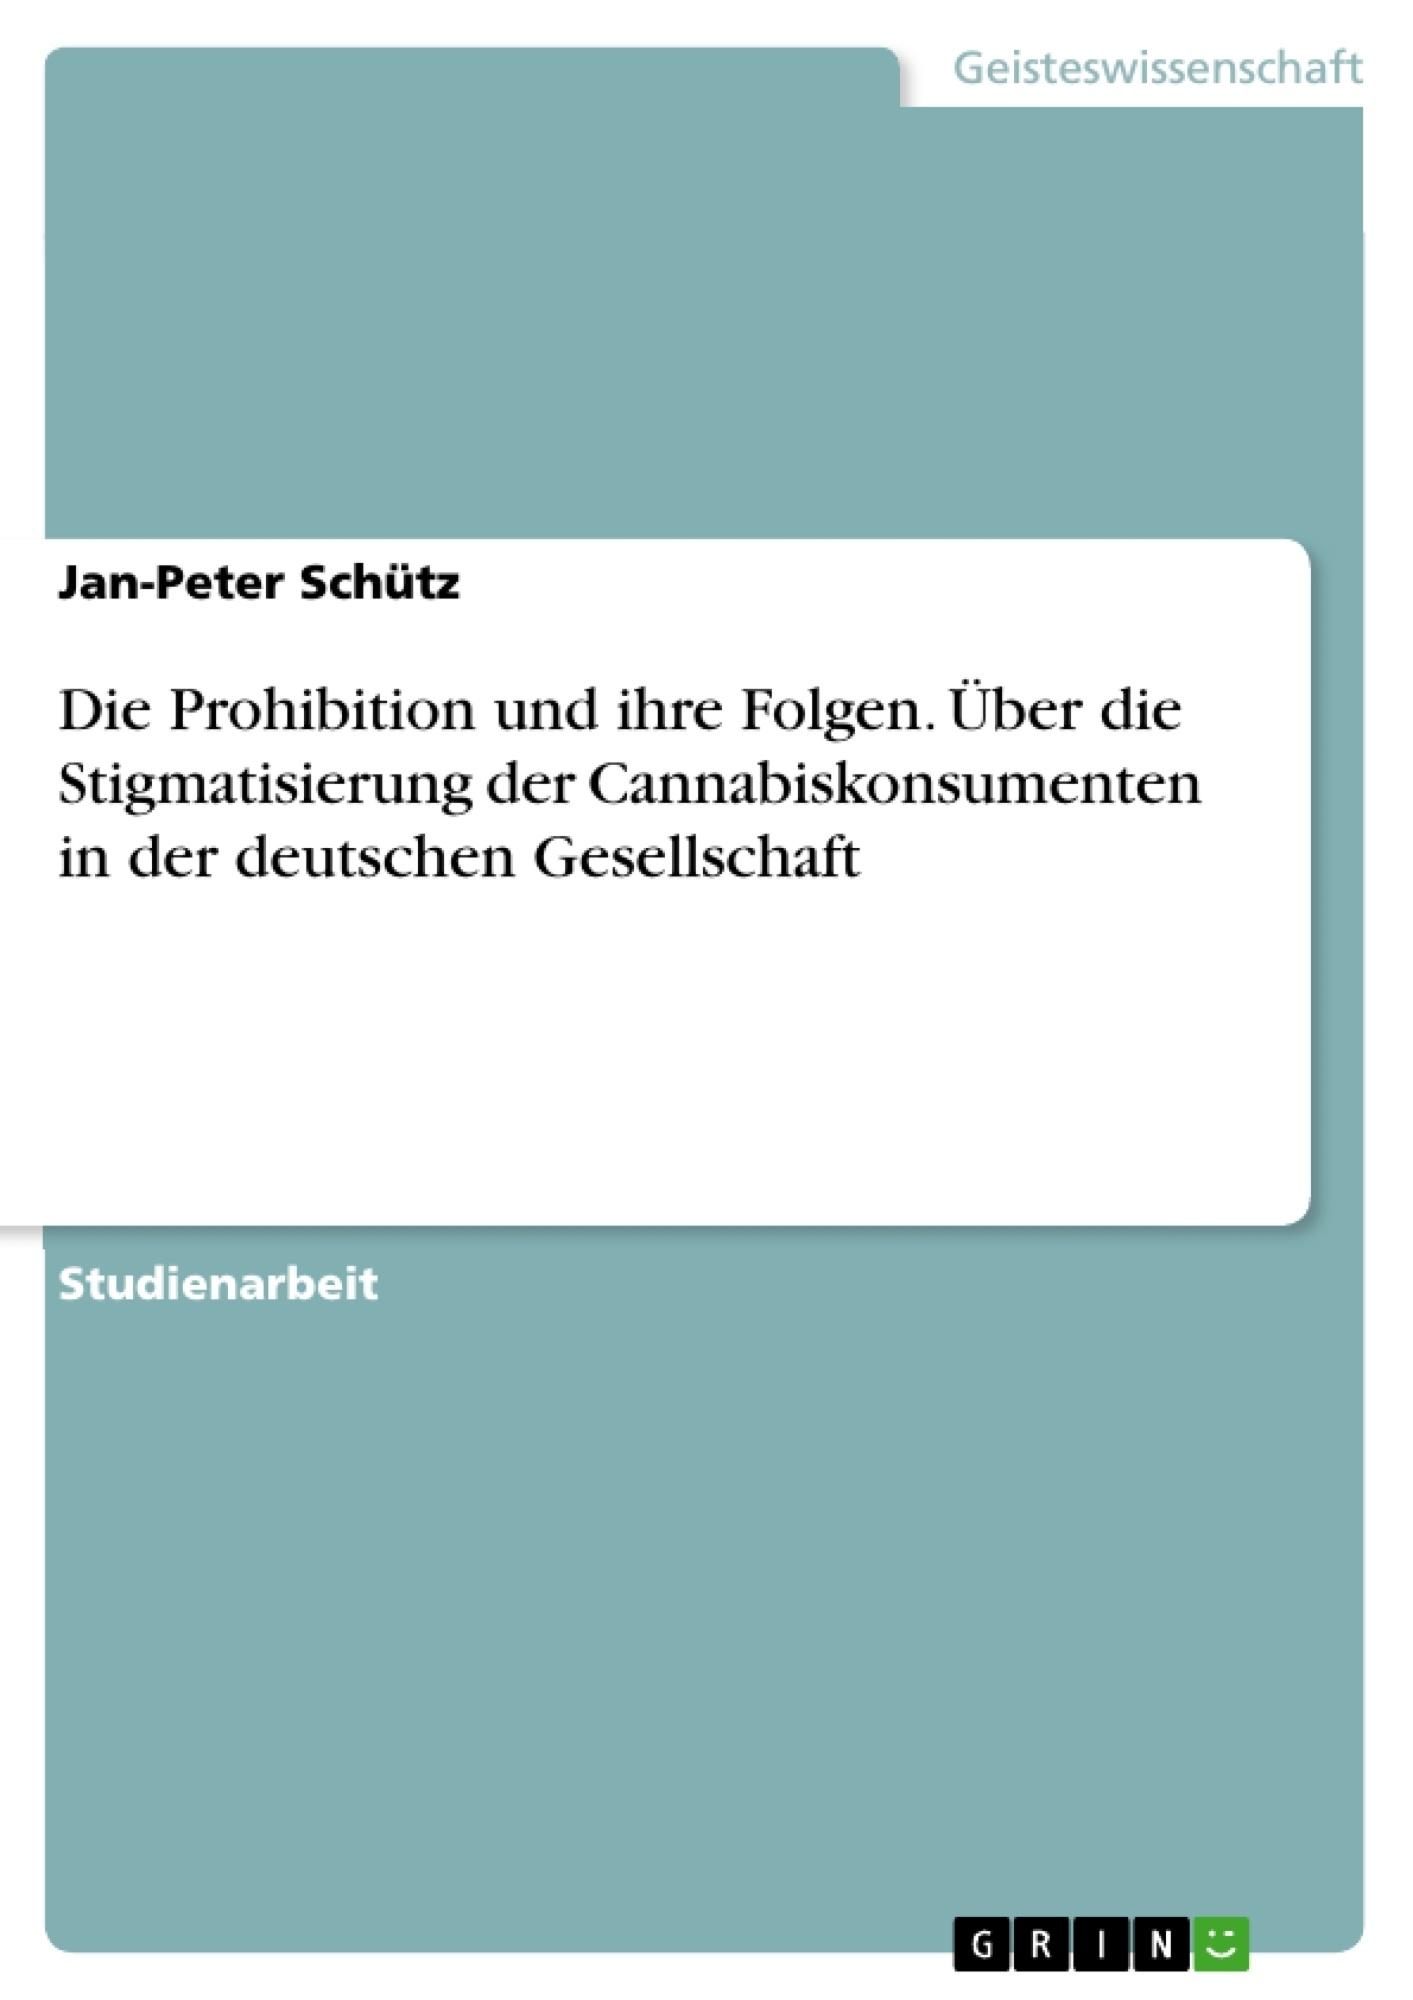 Titel: Die Prohibition und ihre Folgen. Über die Stigmatisierung der Cannabiskonsumenten in der deutschen Gesellschaft